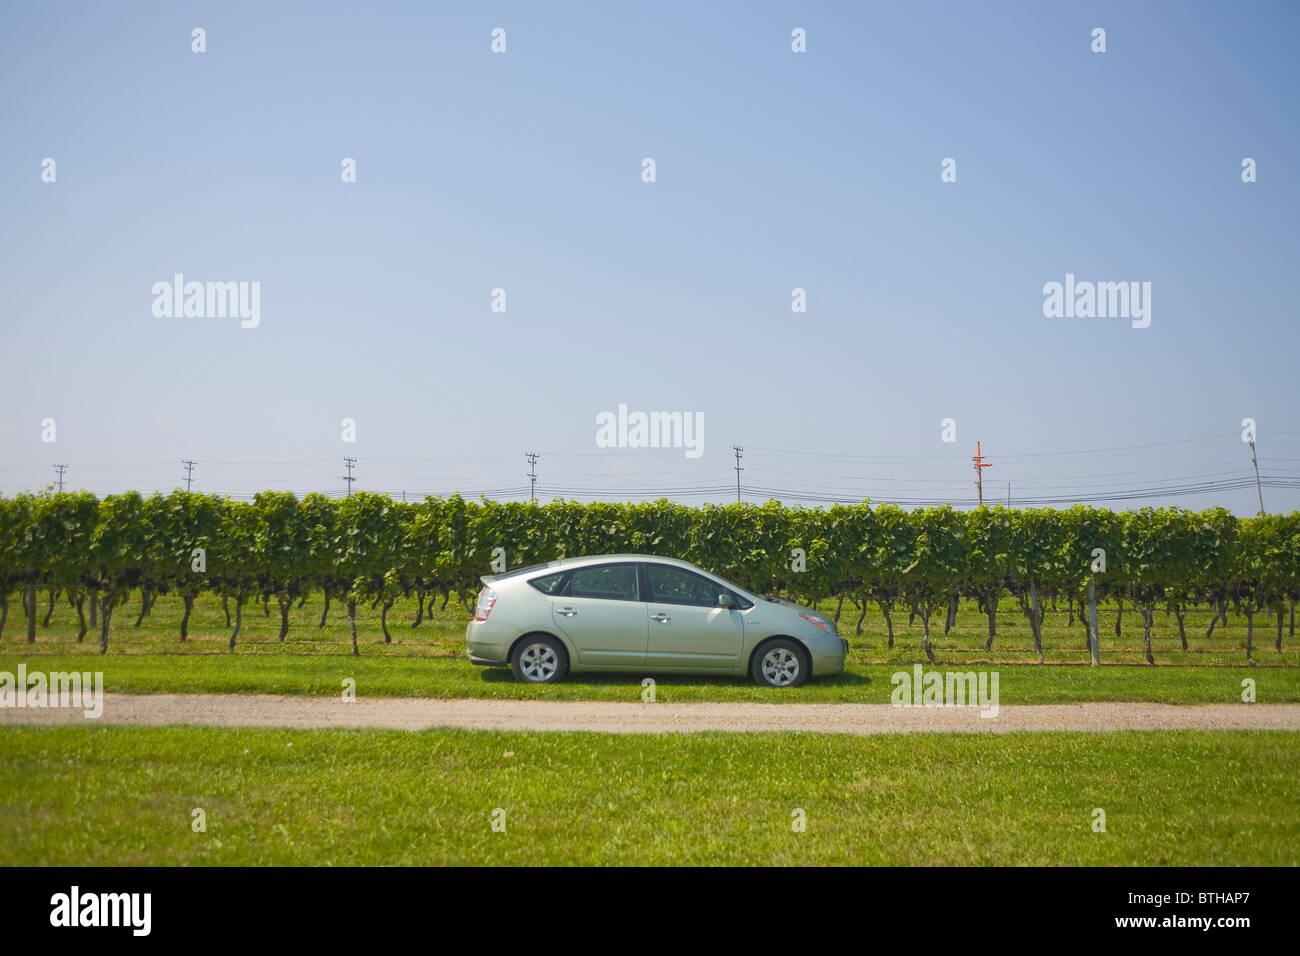 Toyota Prius Hybrid Atuomobile - Stock Image